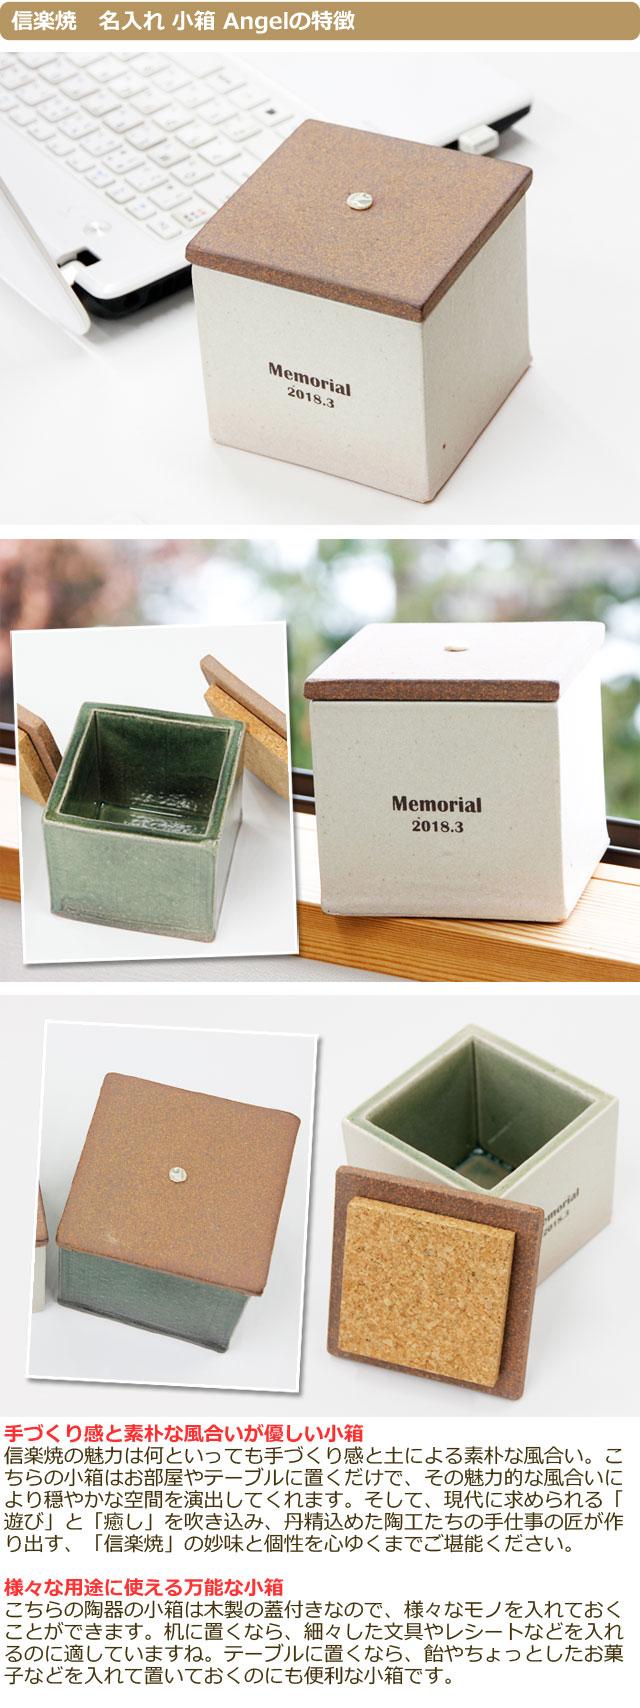 誕生日プレゼントや、結婚記念日ギフトなどにも喜ばれる信楽焼の名入れ小箱